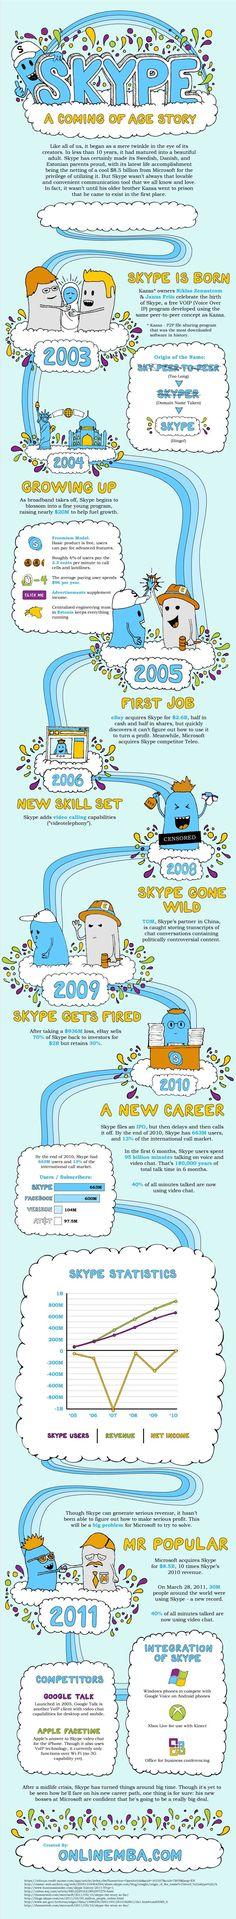 Skype'i ajaloost. Skype'i ühed loojad olid muide eestlased. :)